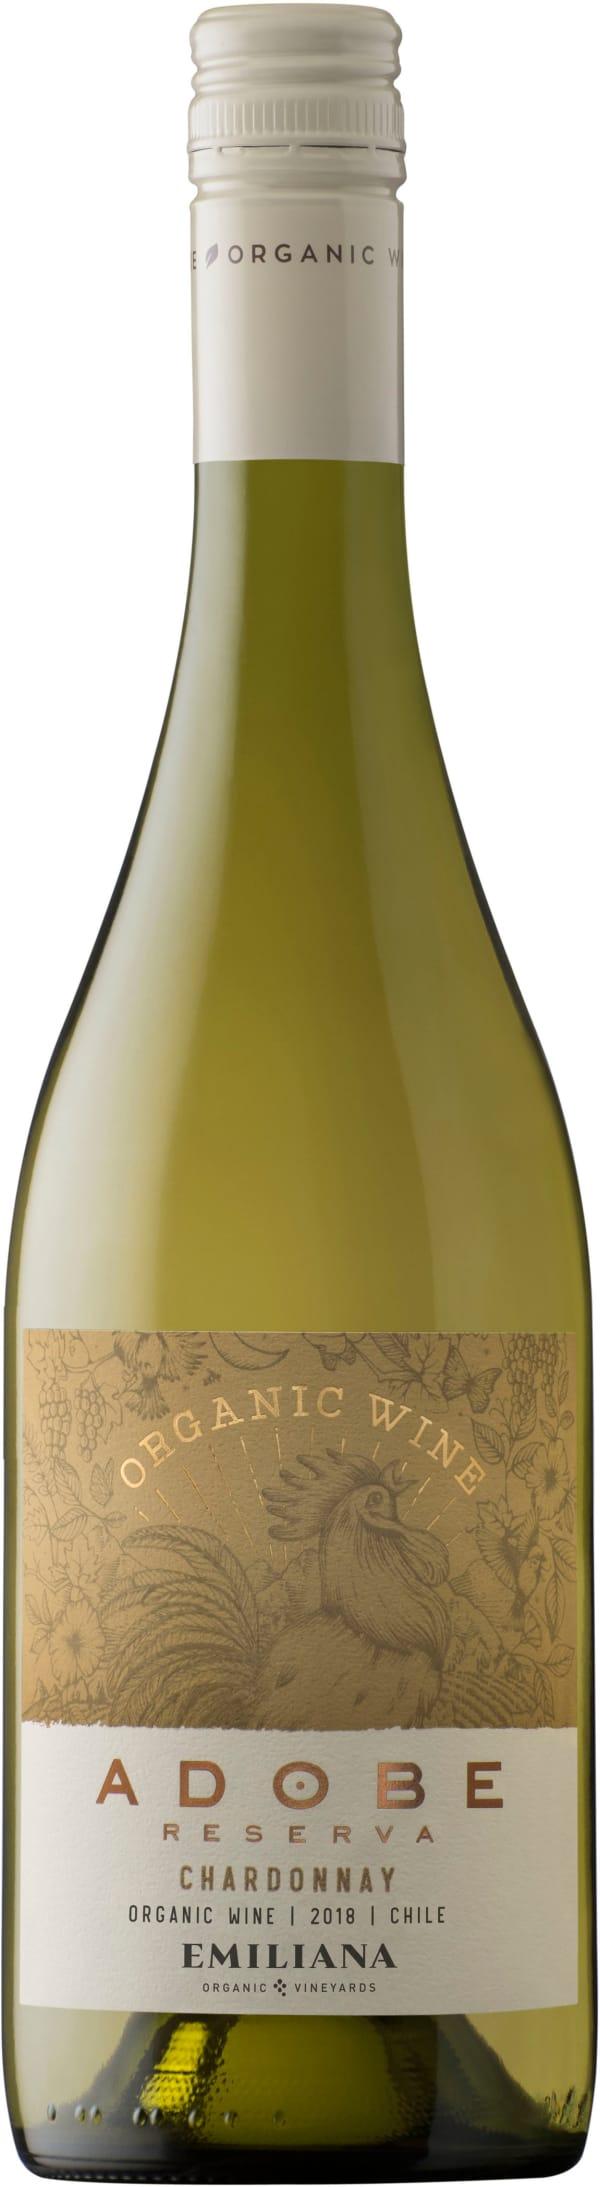 Adobe Reserva Chardonnay 2018